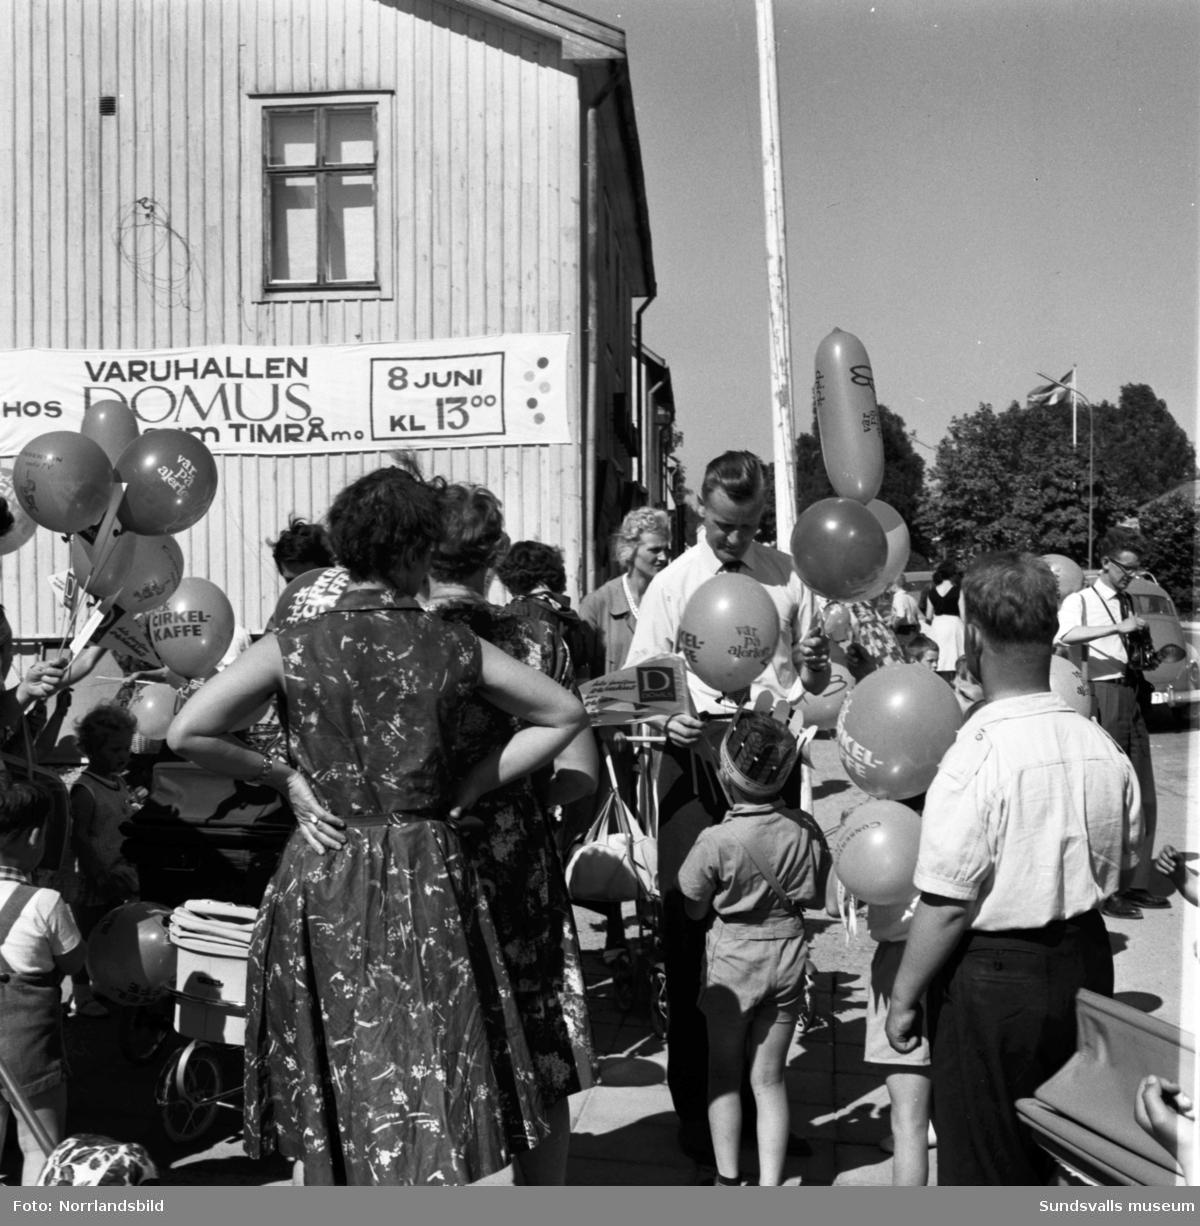 En stor bildserie från invigningen av Domus i Timrå. Exteriör- och interiörbilder med folkliv, högtidliga tal, kunder och personal.